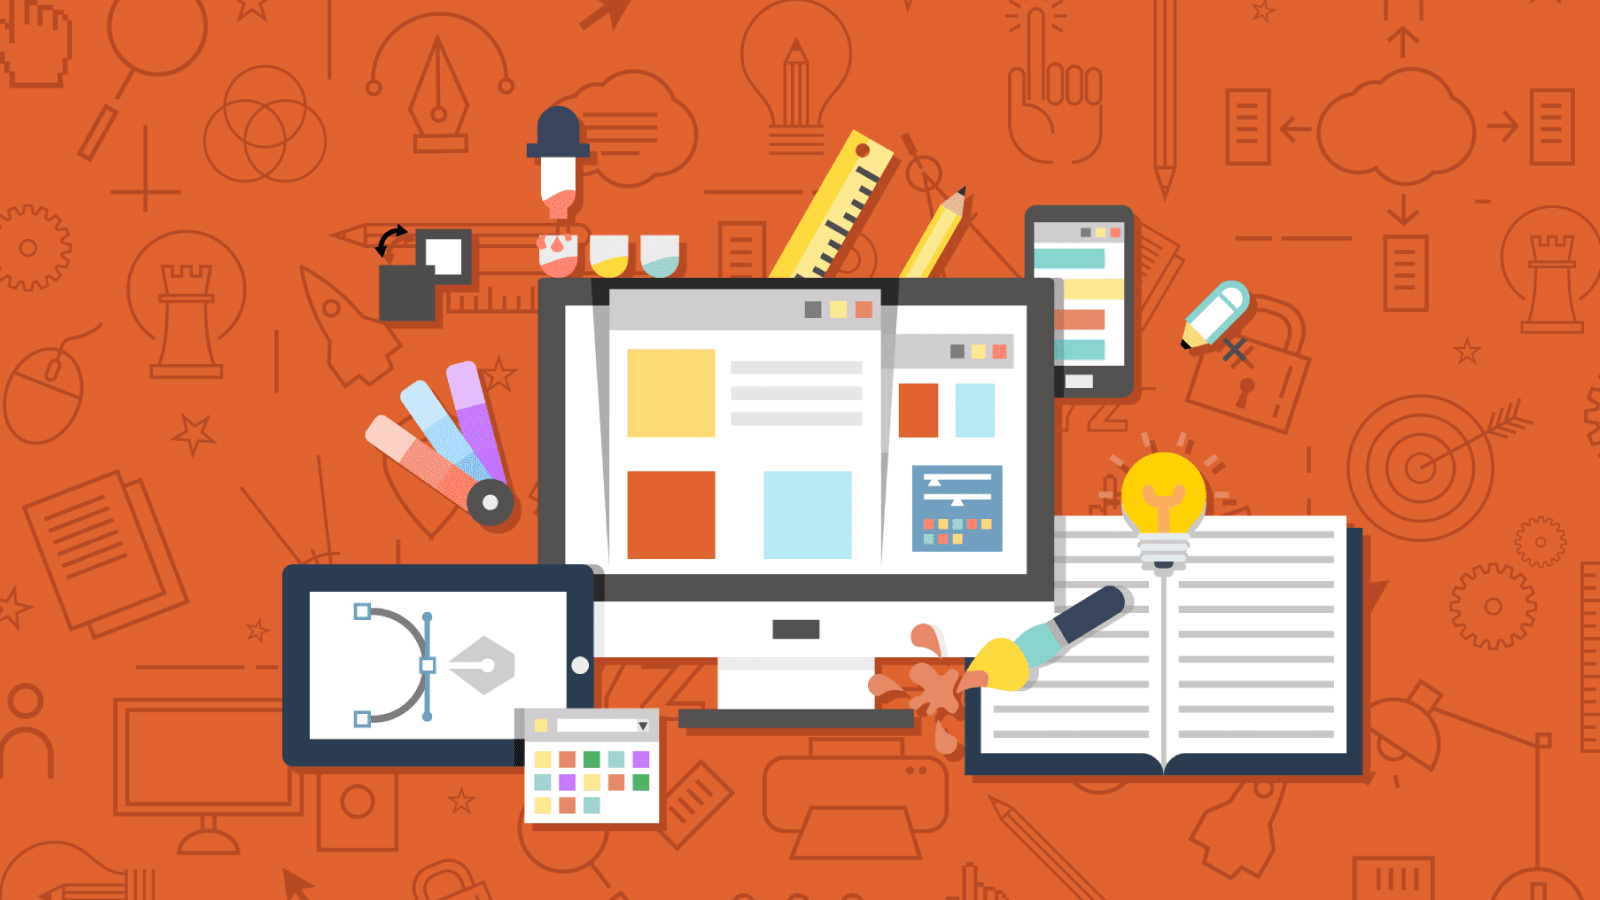 Pembuat Situs Web vs. Desainer Web: Apa Cara Terbaik untuk Mendapatkan Situs Web?